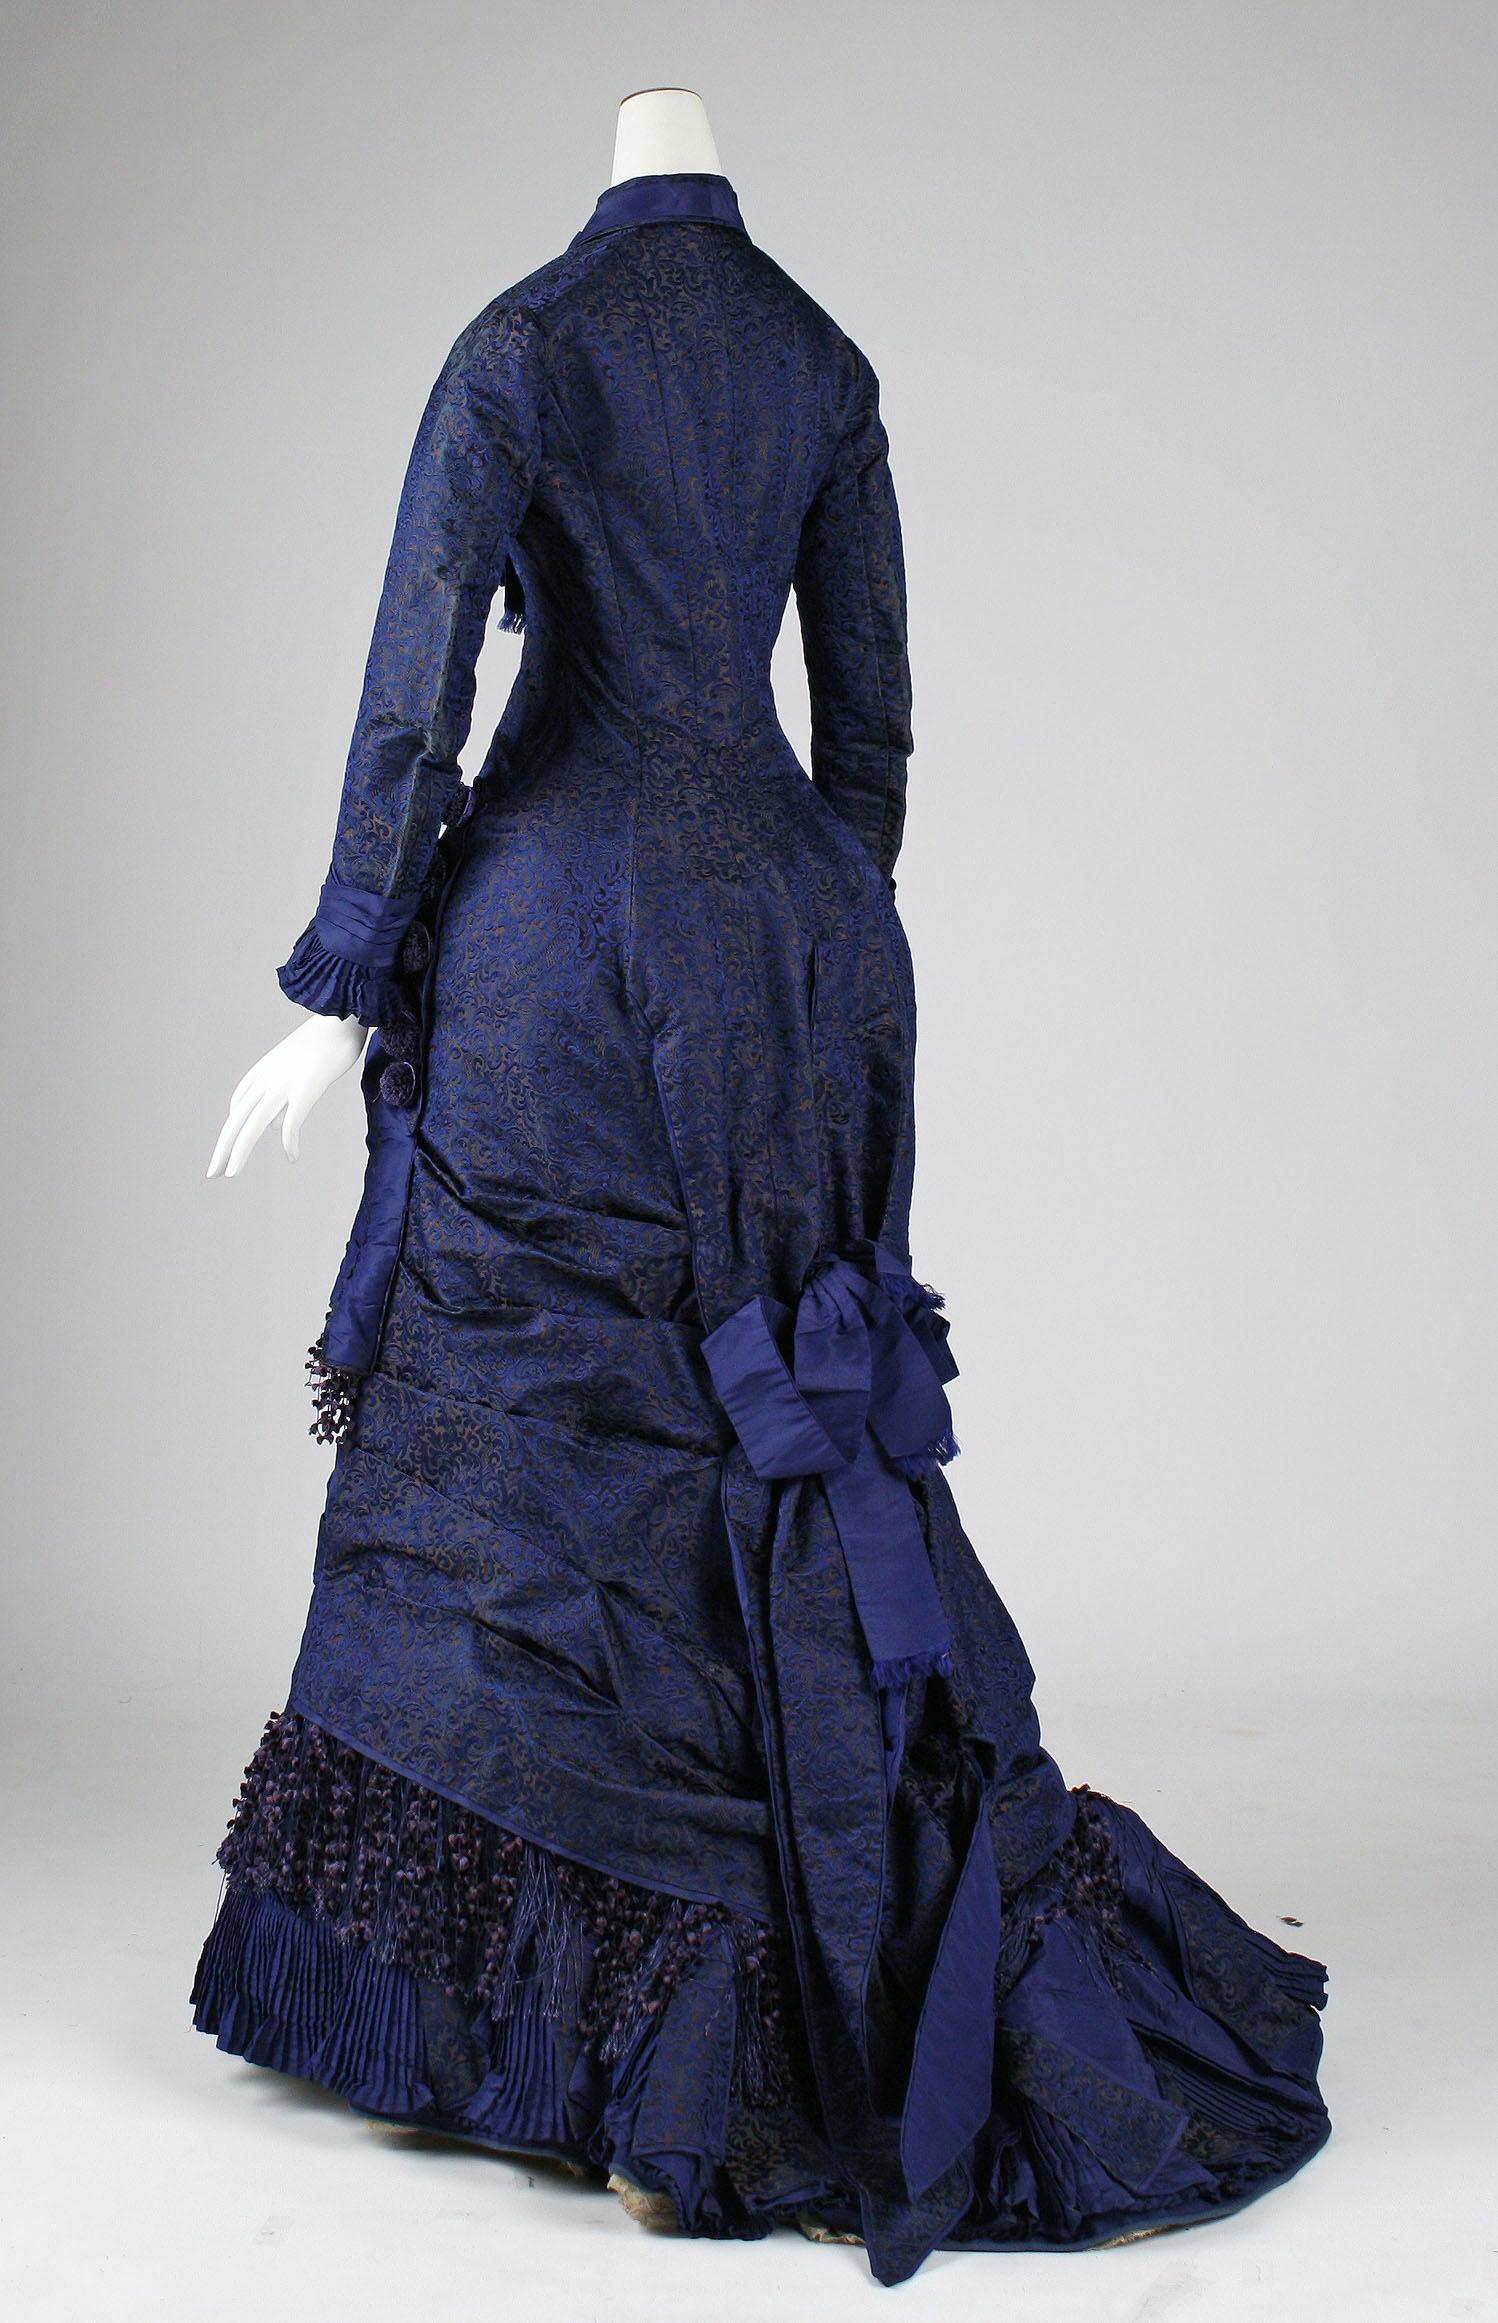 Shades Of Victorian Fashion Cerulean Mazarine Navy And